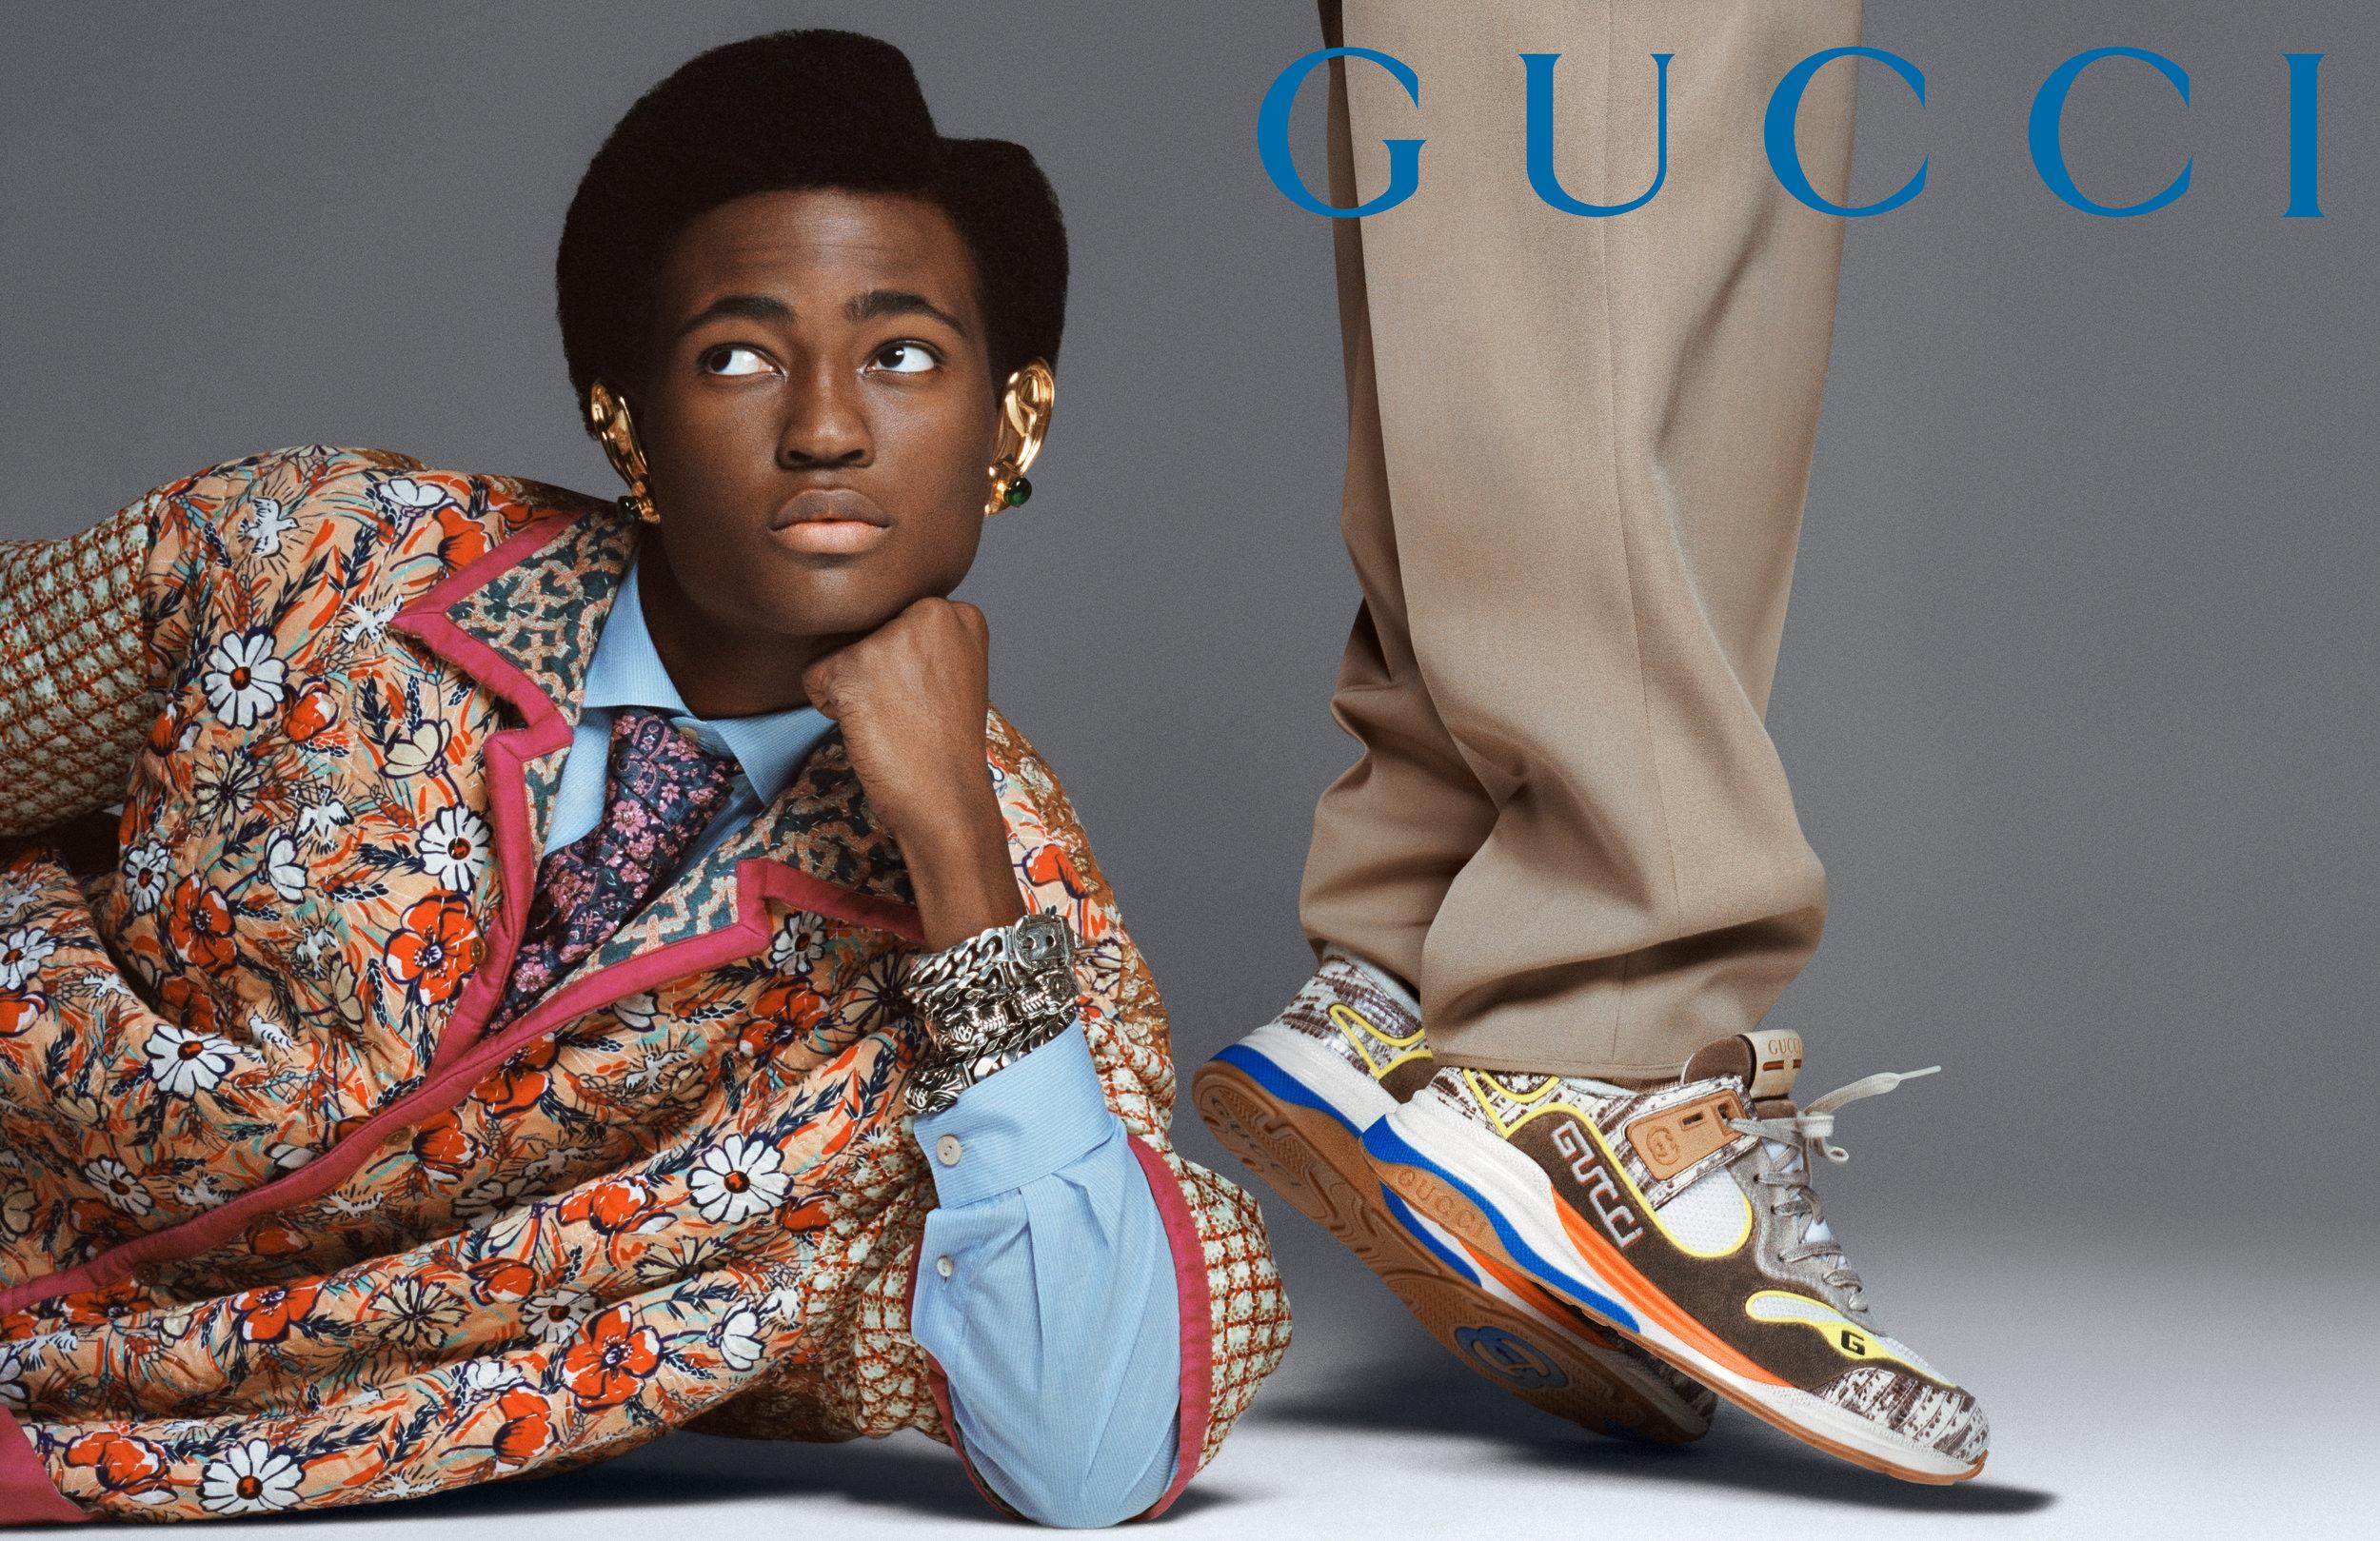 Courtesy of Gucci